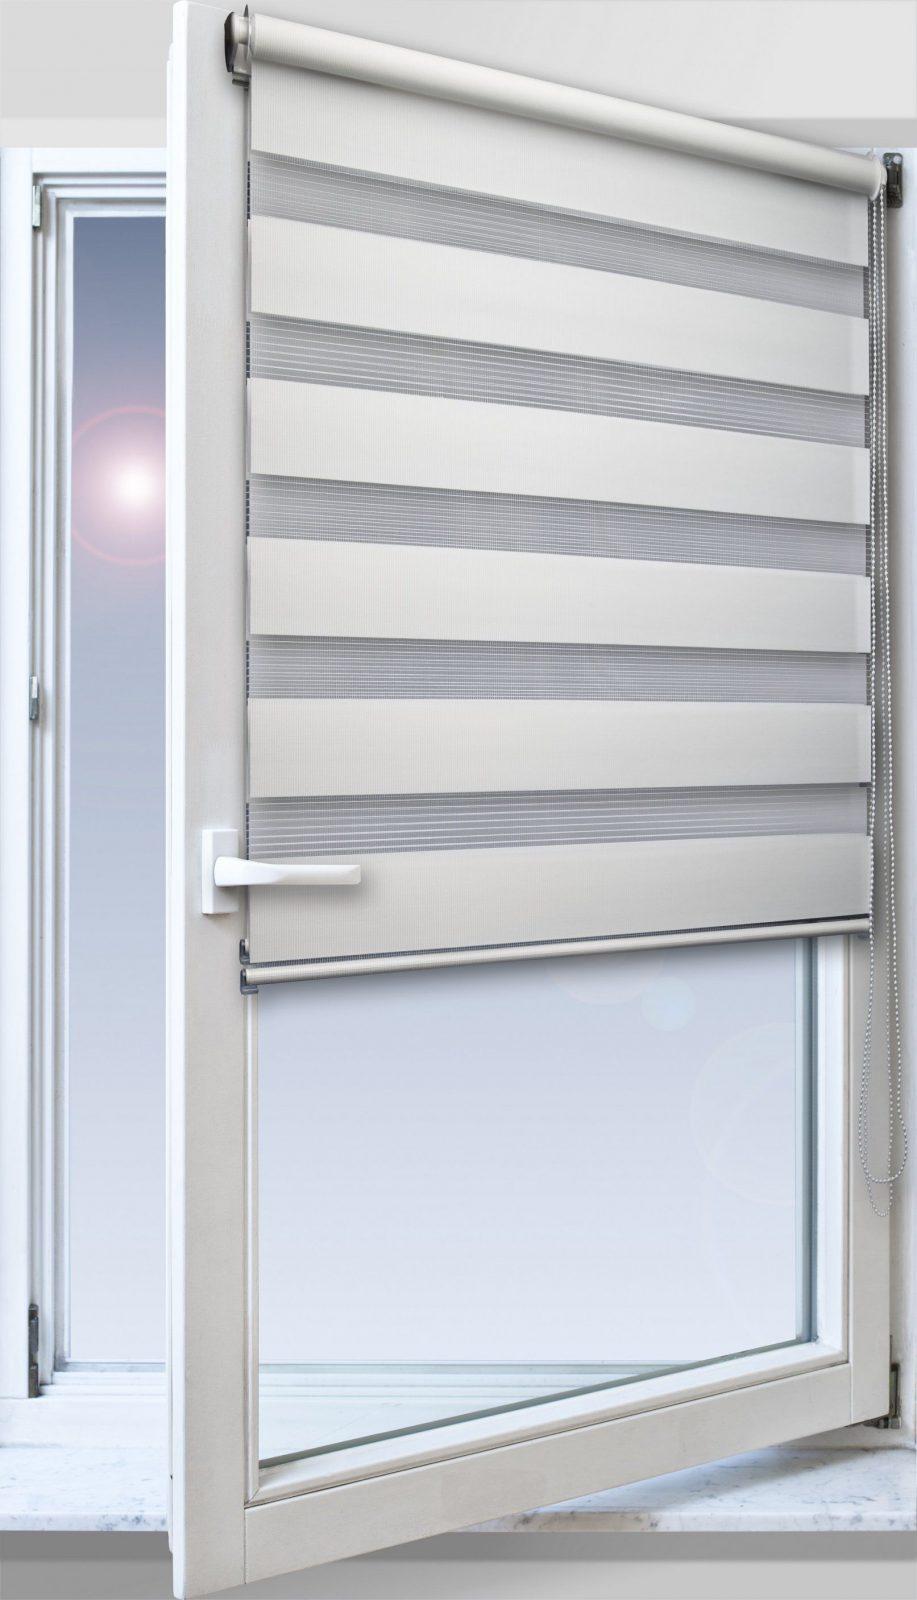 Fenster Rollo Innen Ohne Bohren Ub59 – Hitoiro von Rollo Balkontür Ohne Bohren Photo